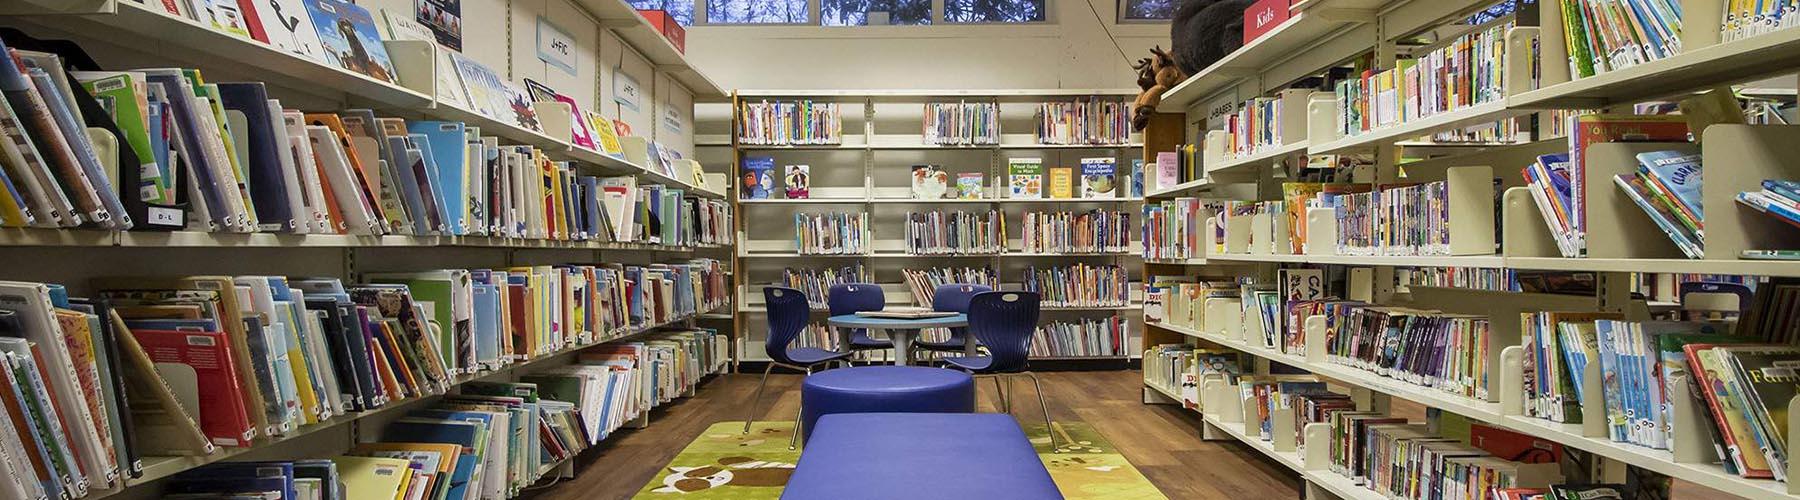 کتابخانه های منطقه 12 تهران